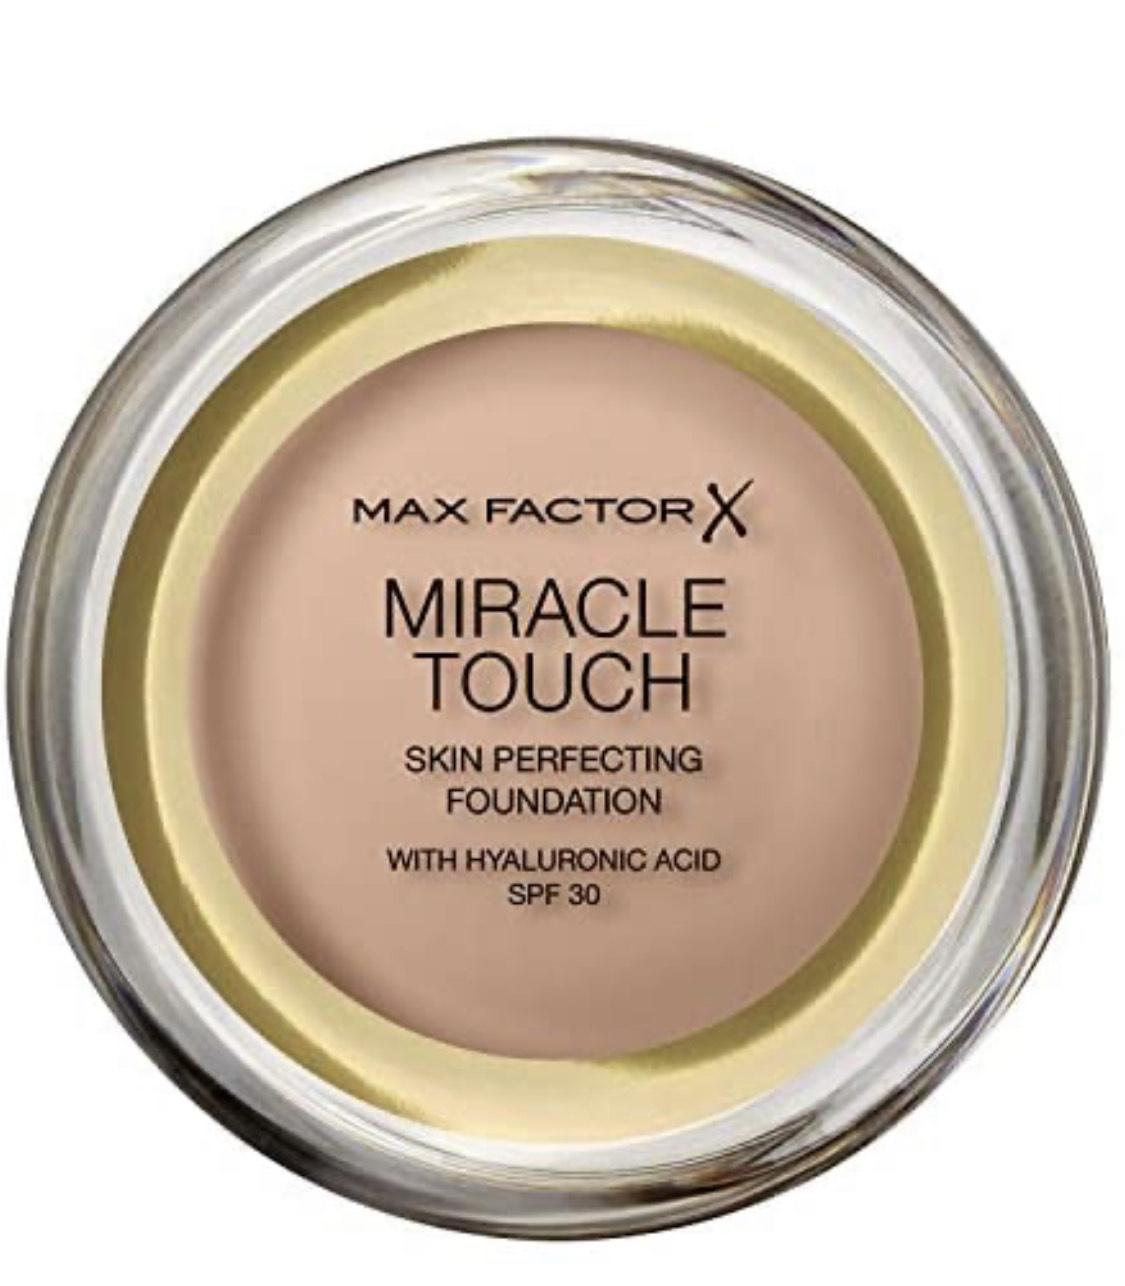 Reco maquillaje MaxFactor, L'Oreal, Revlon menos de 10€ y oferta de sérums (ver descripción)